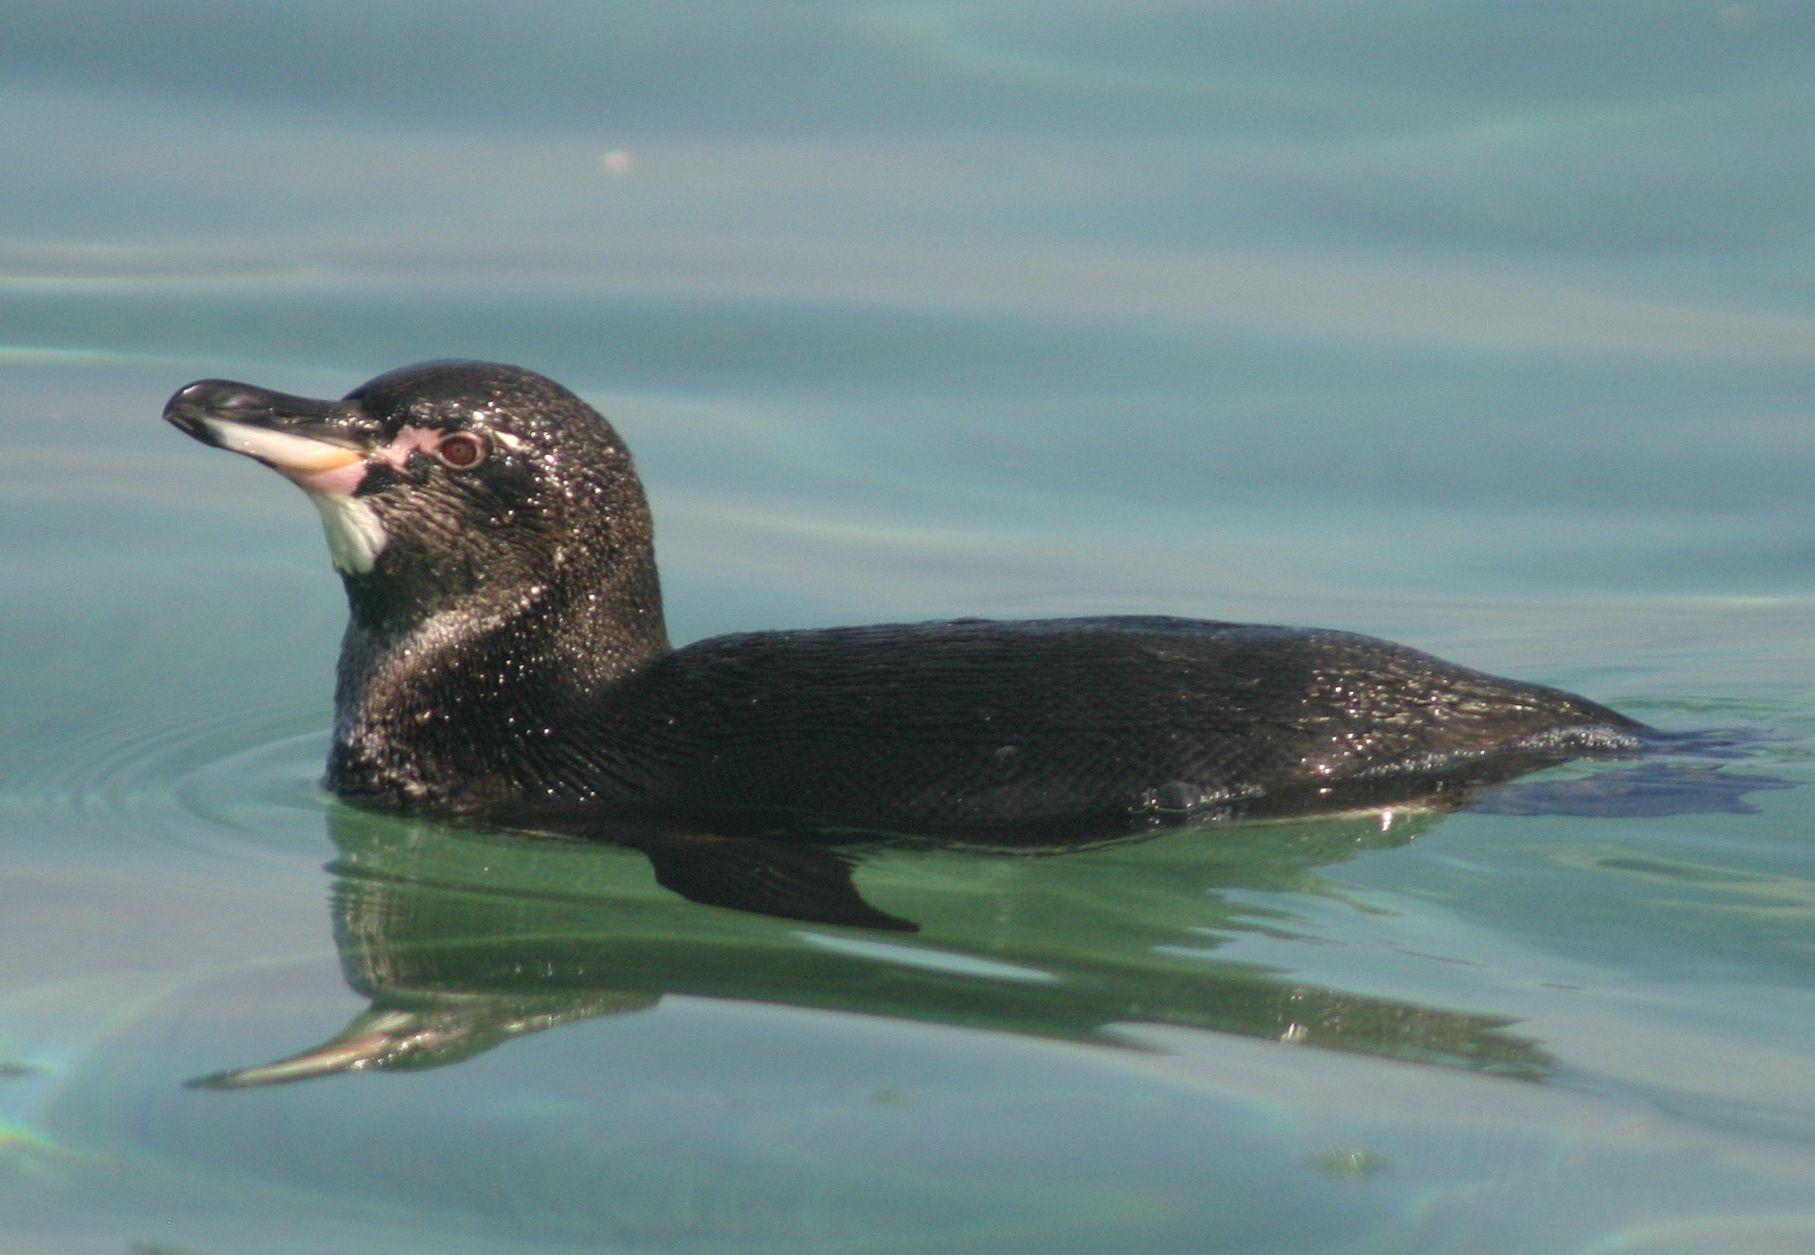 Male Galápagos penguin